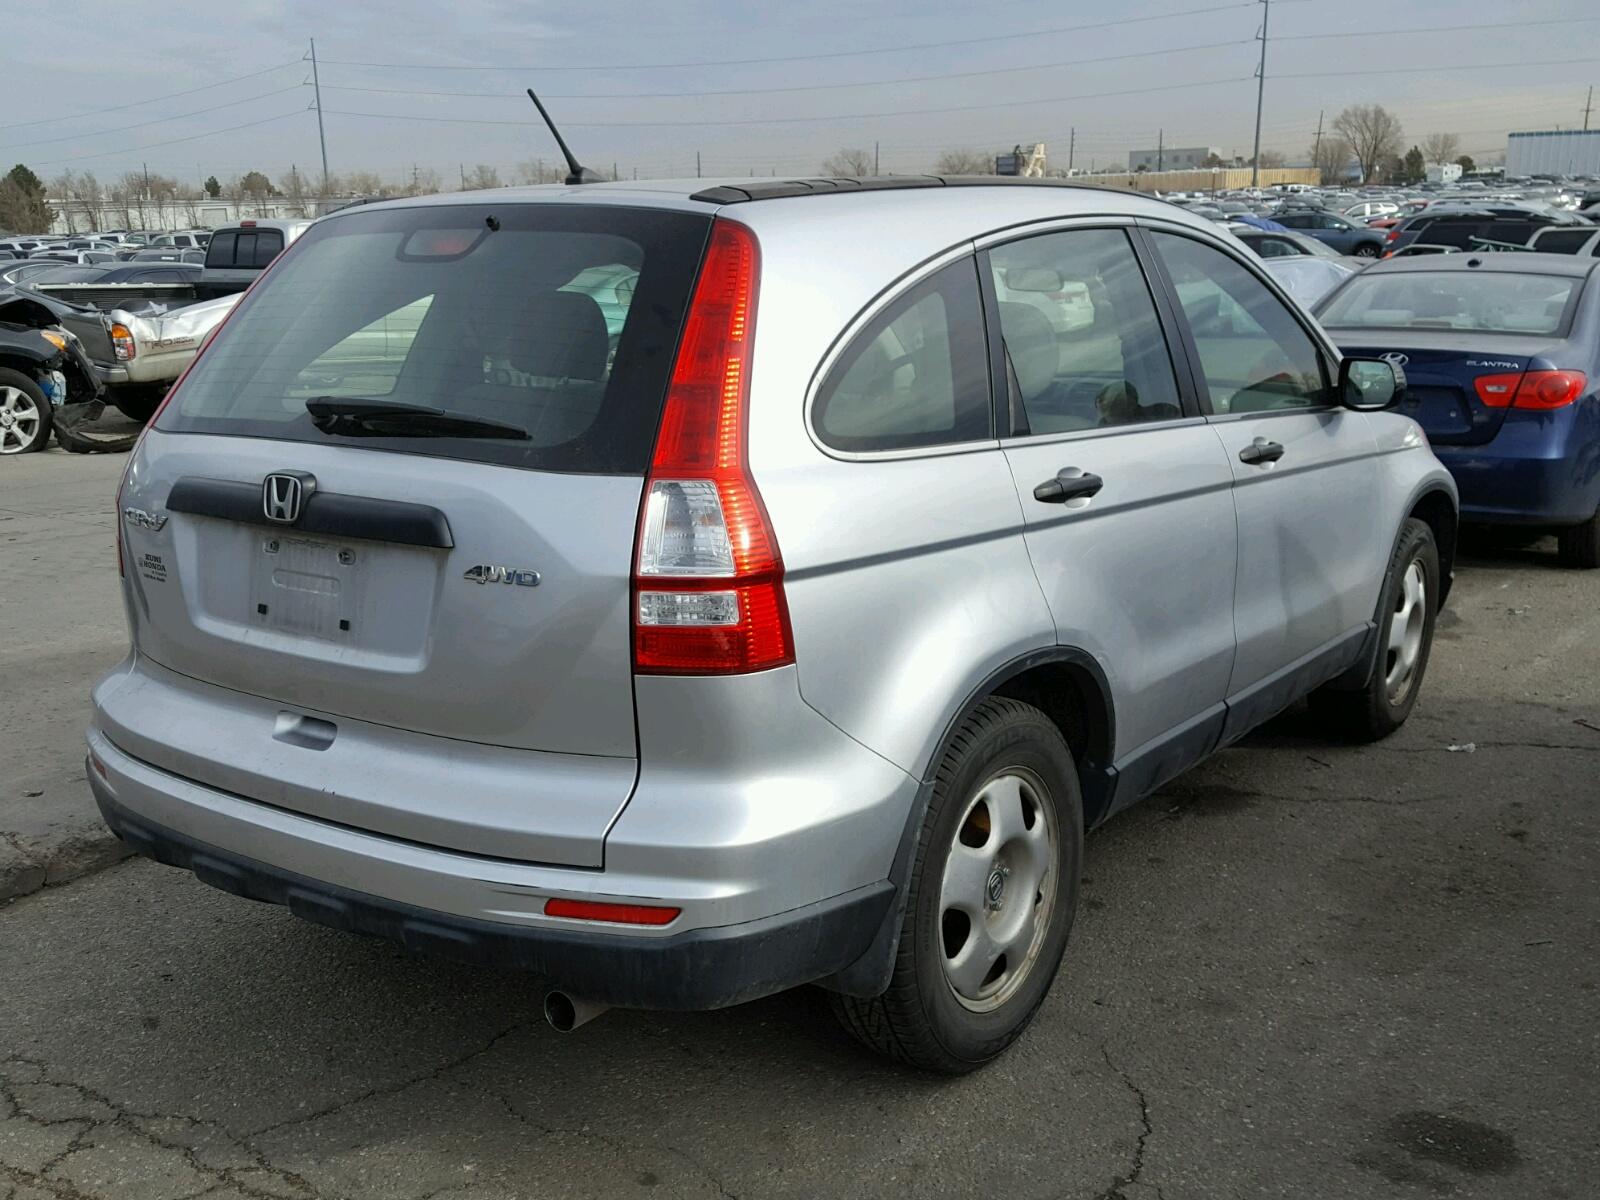 2011 Honda Cr V Lx Front End Damage Jhlre4h32bc034105